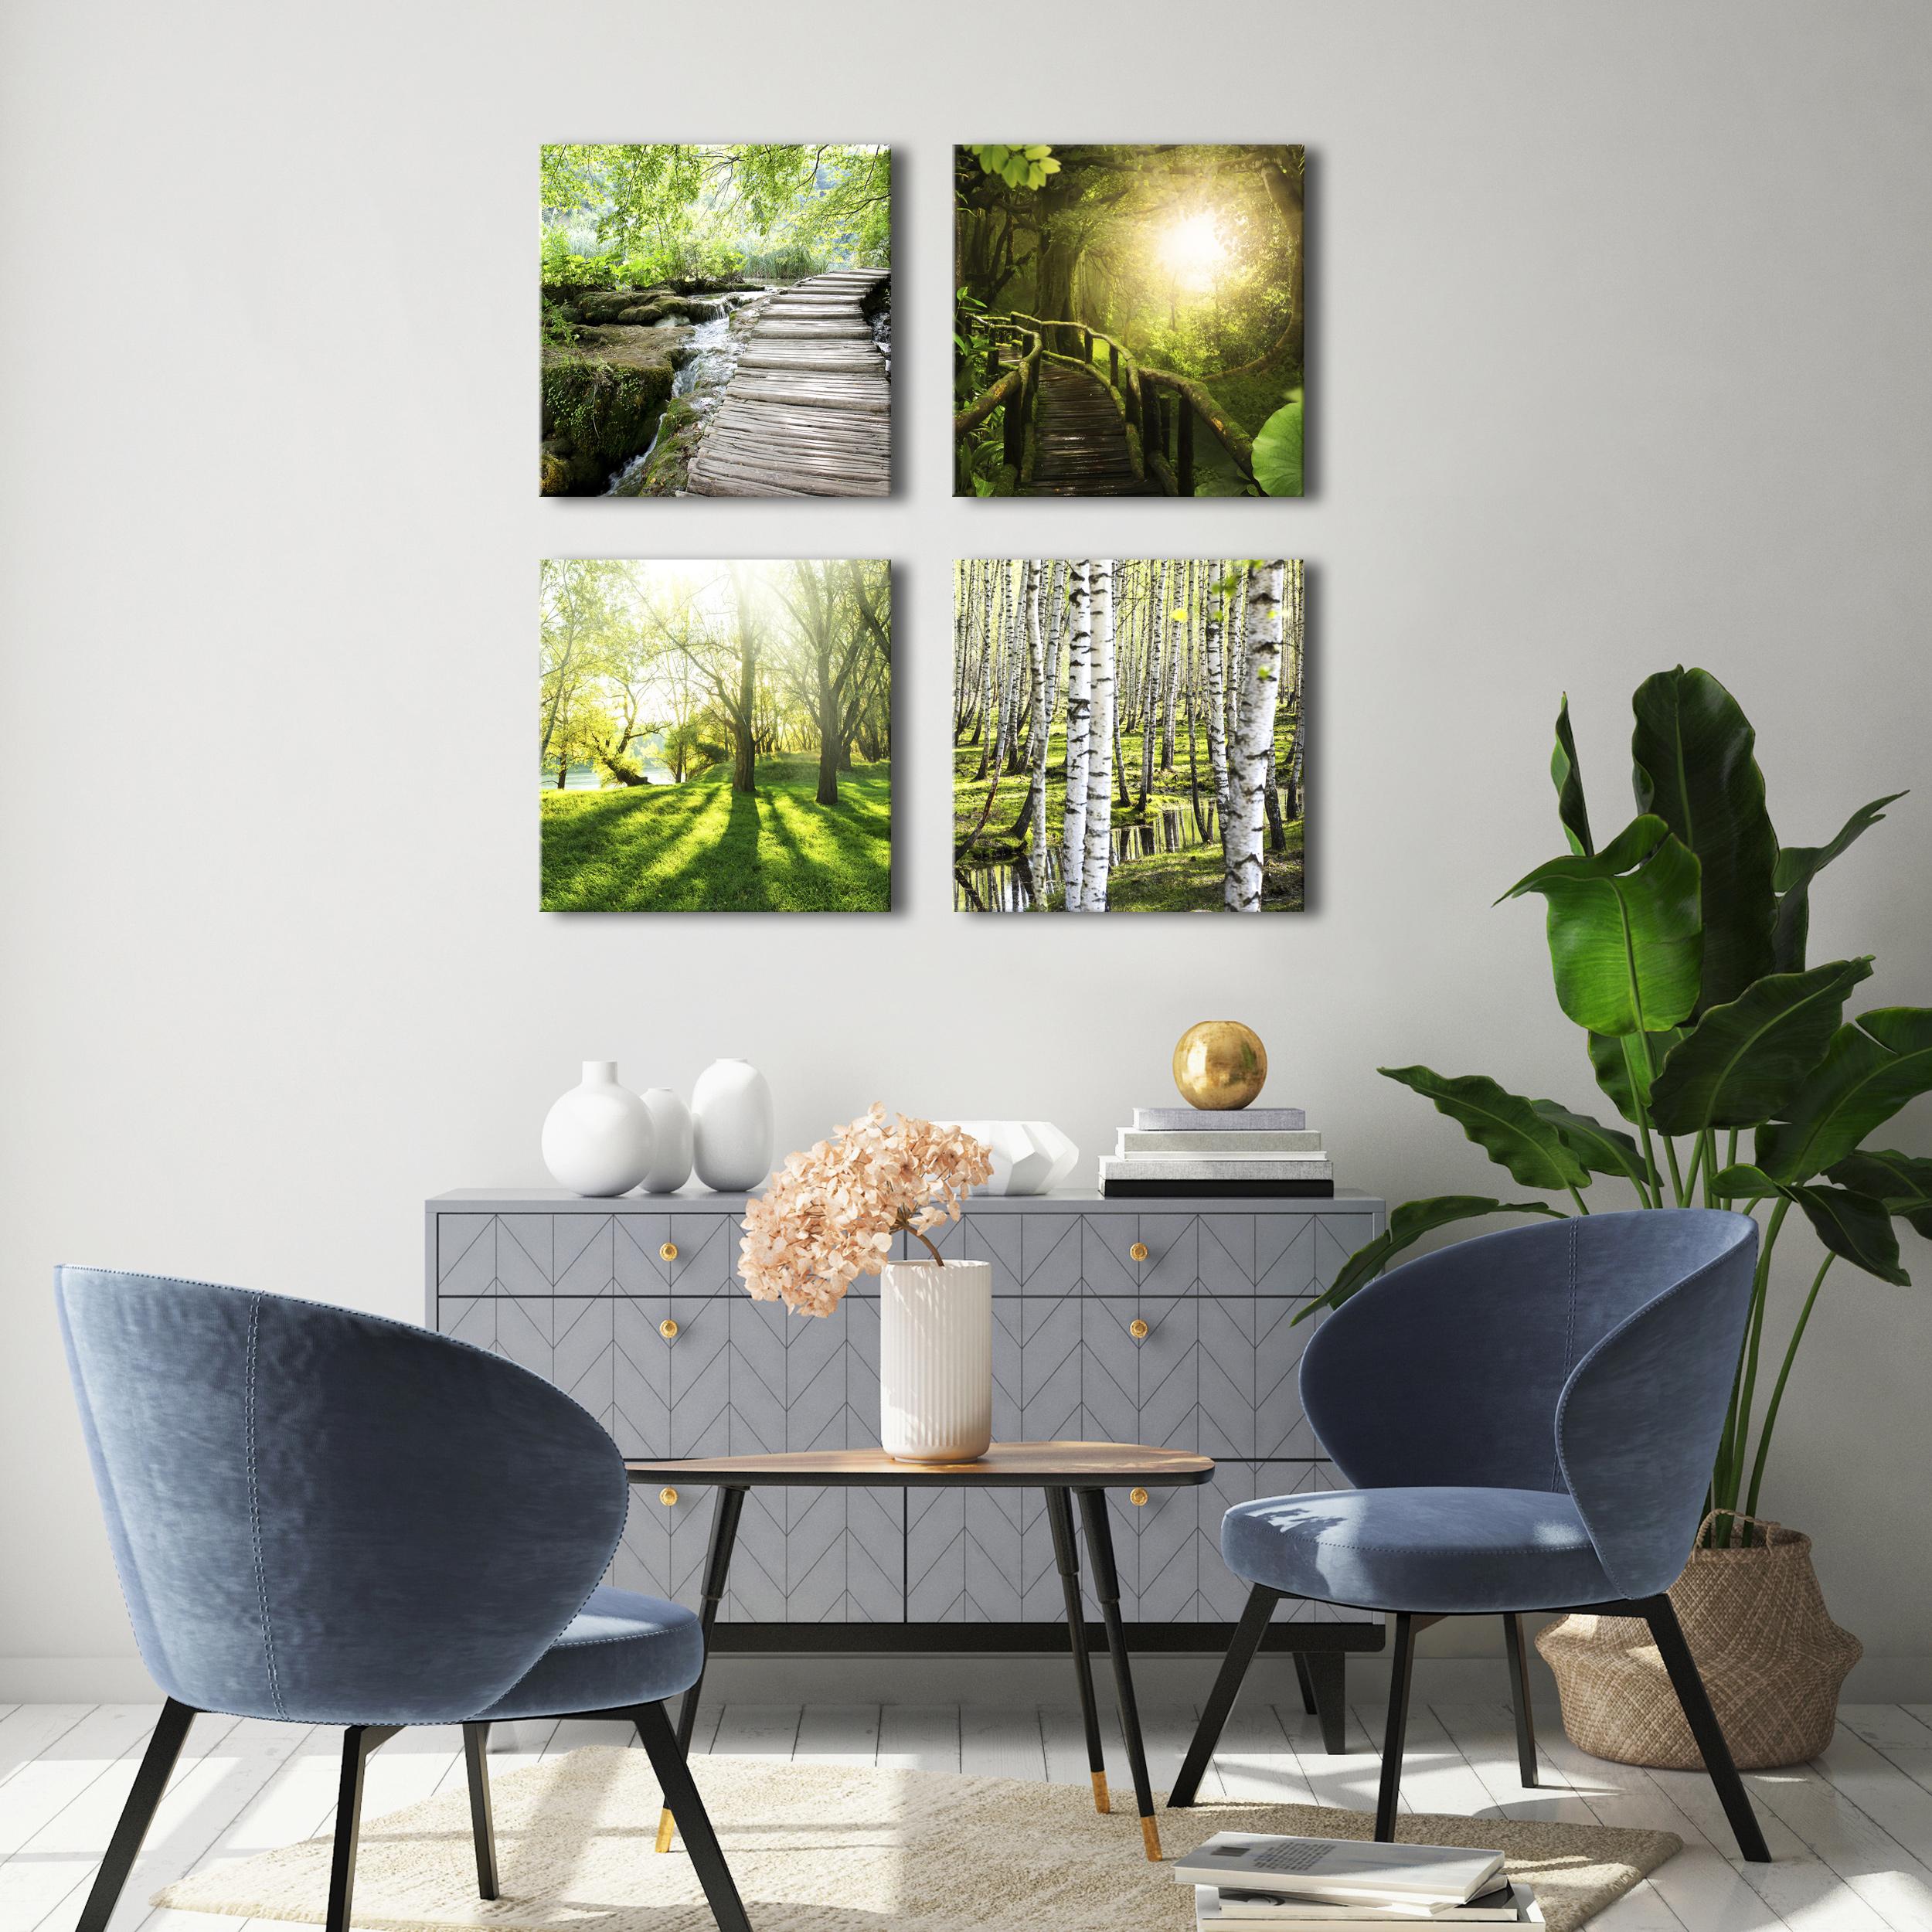 natur leinwand deko bilder wald landschatf xxl wohnzimmer